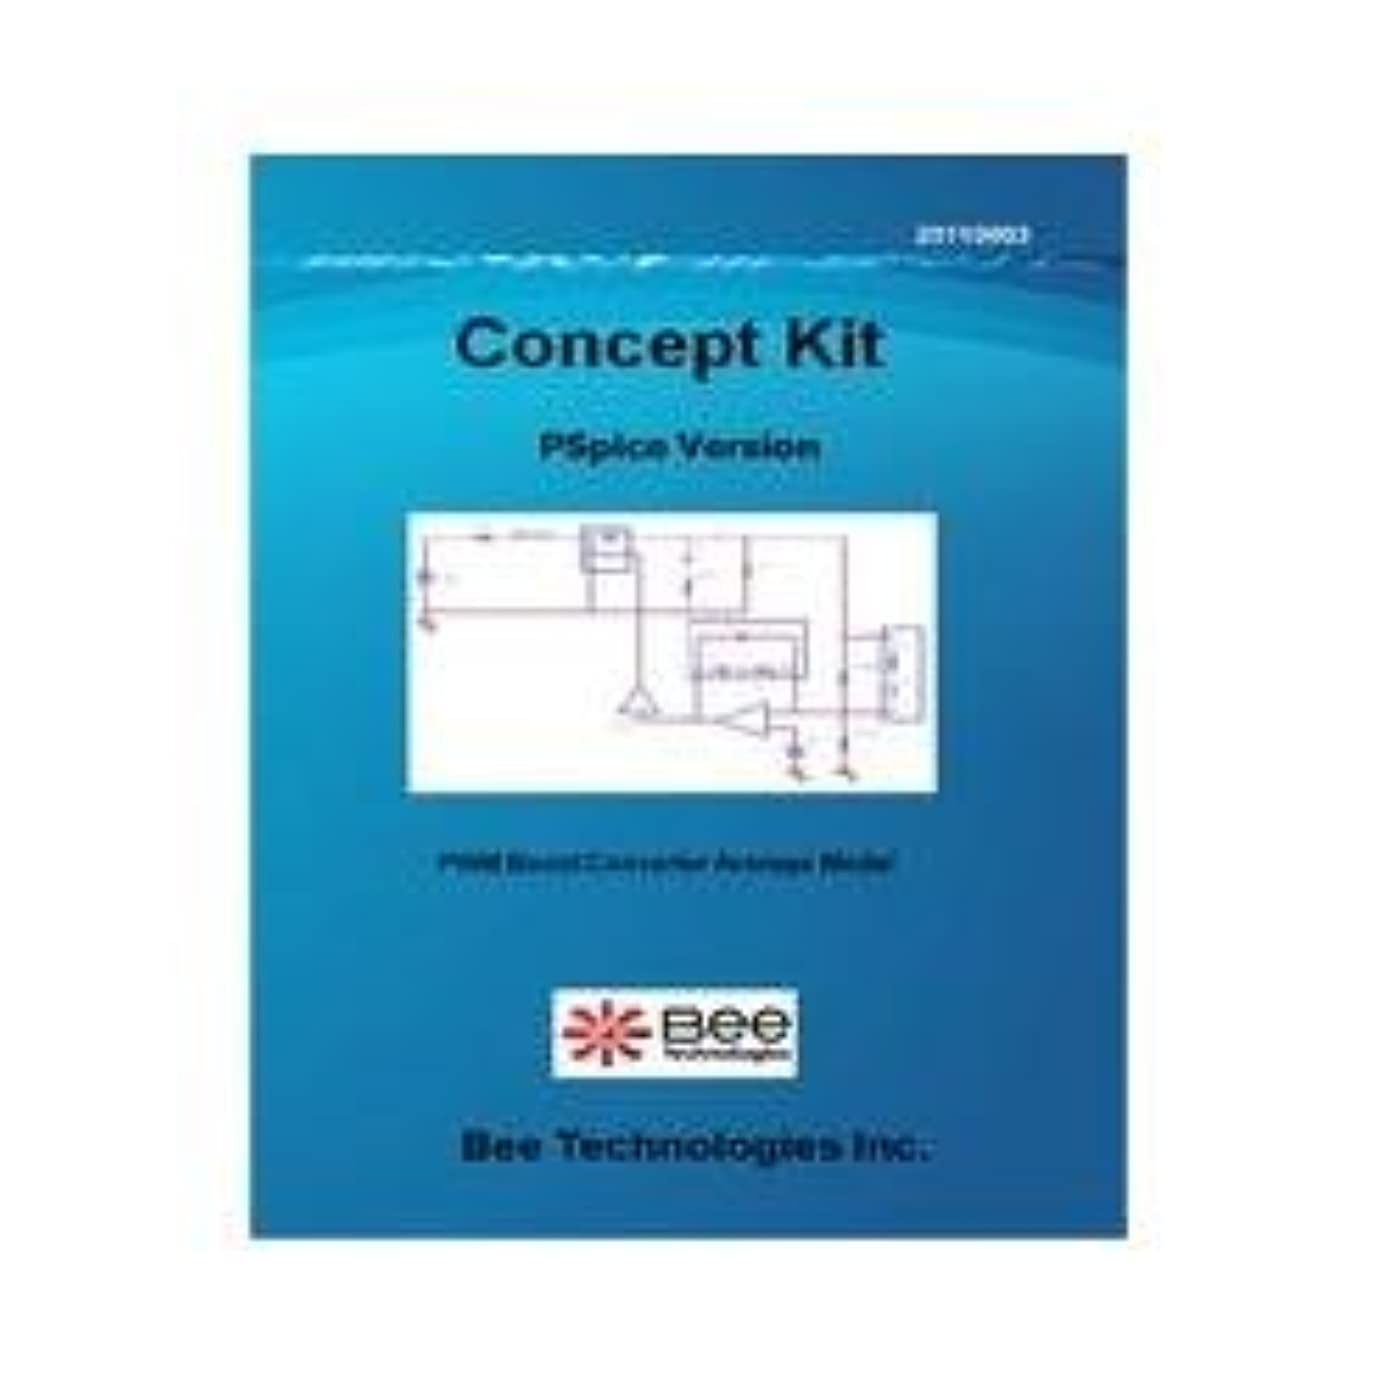 拒絶する解決する激しいBee Technologies 昇圧コンバータ(アベレージモデル) 【Concept Kit 005】